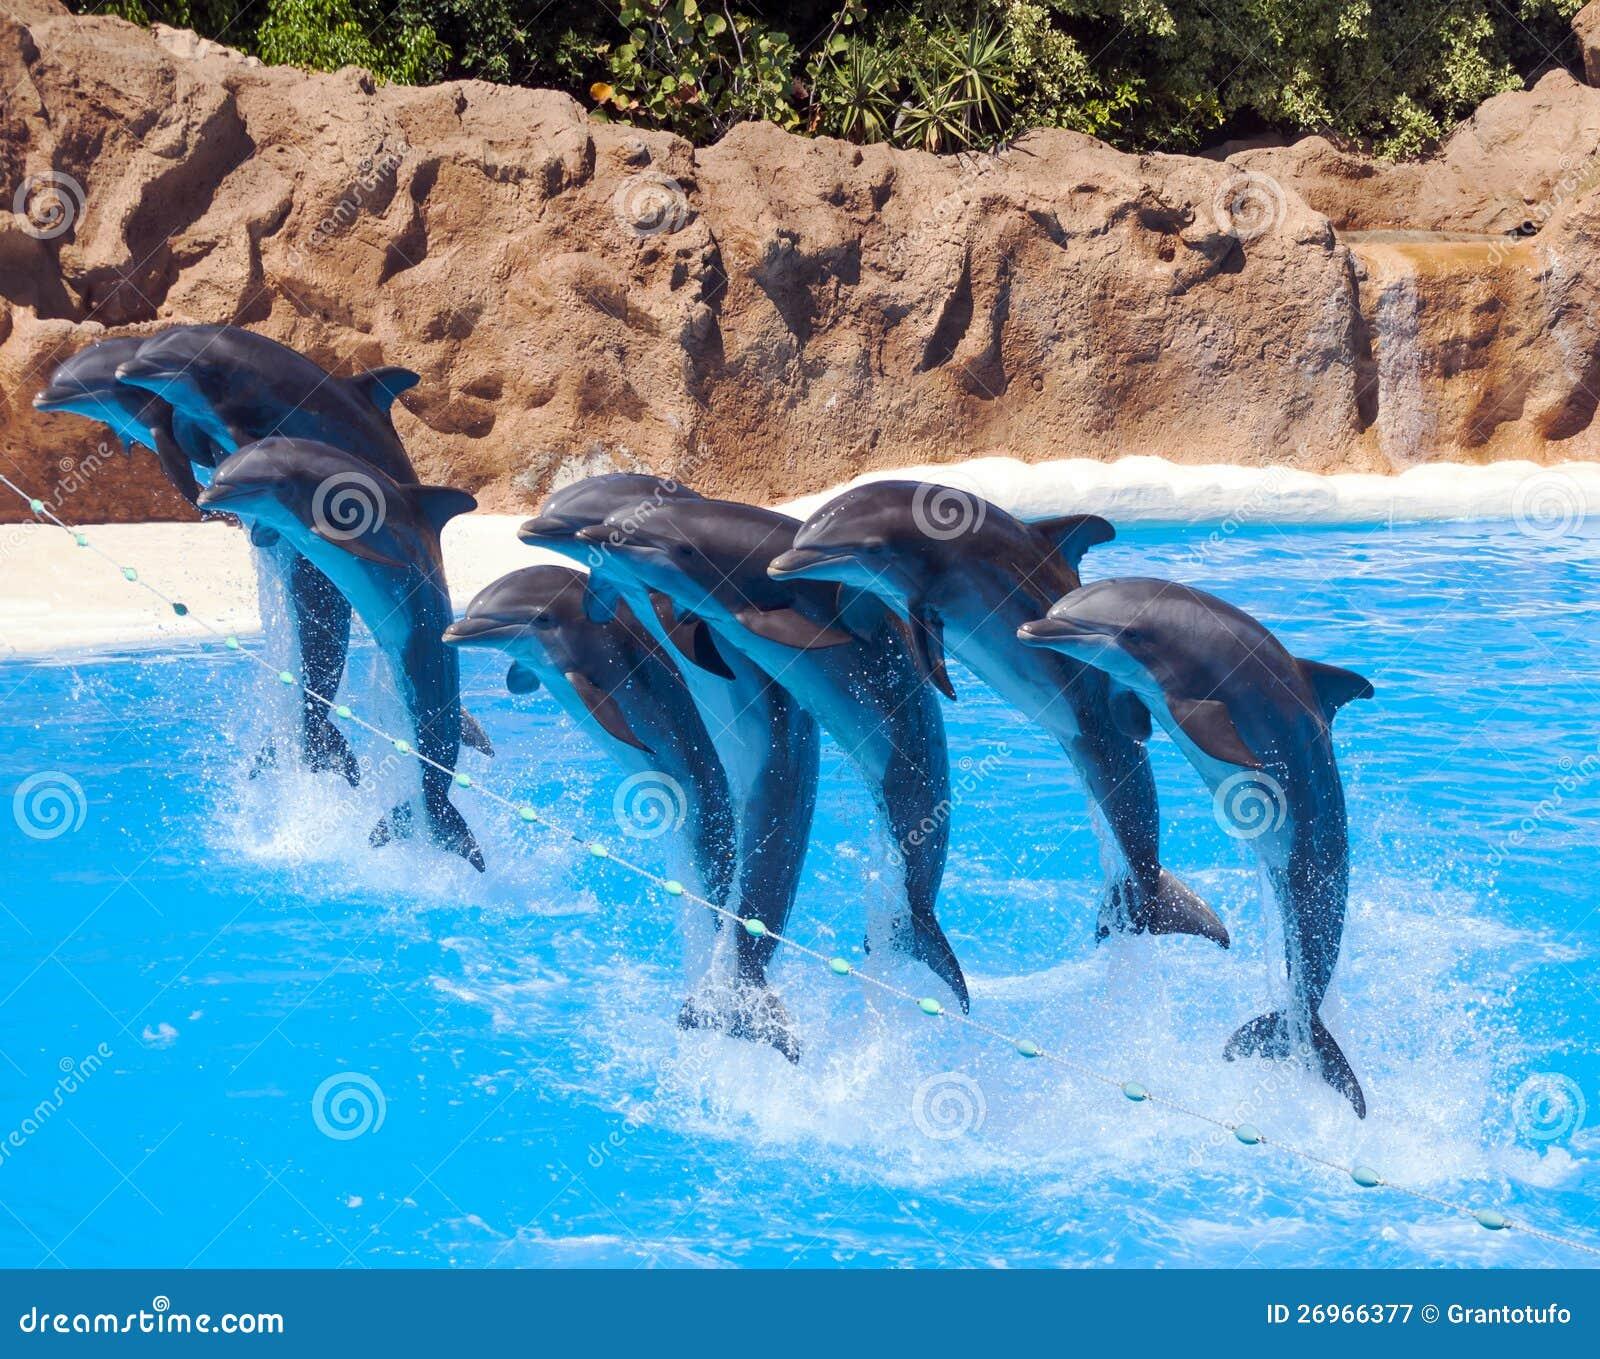 Springen mit acht Delphinen